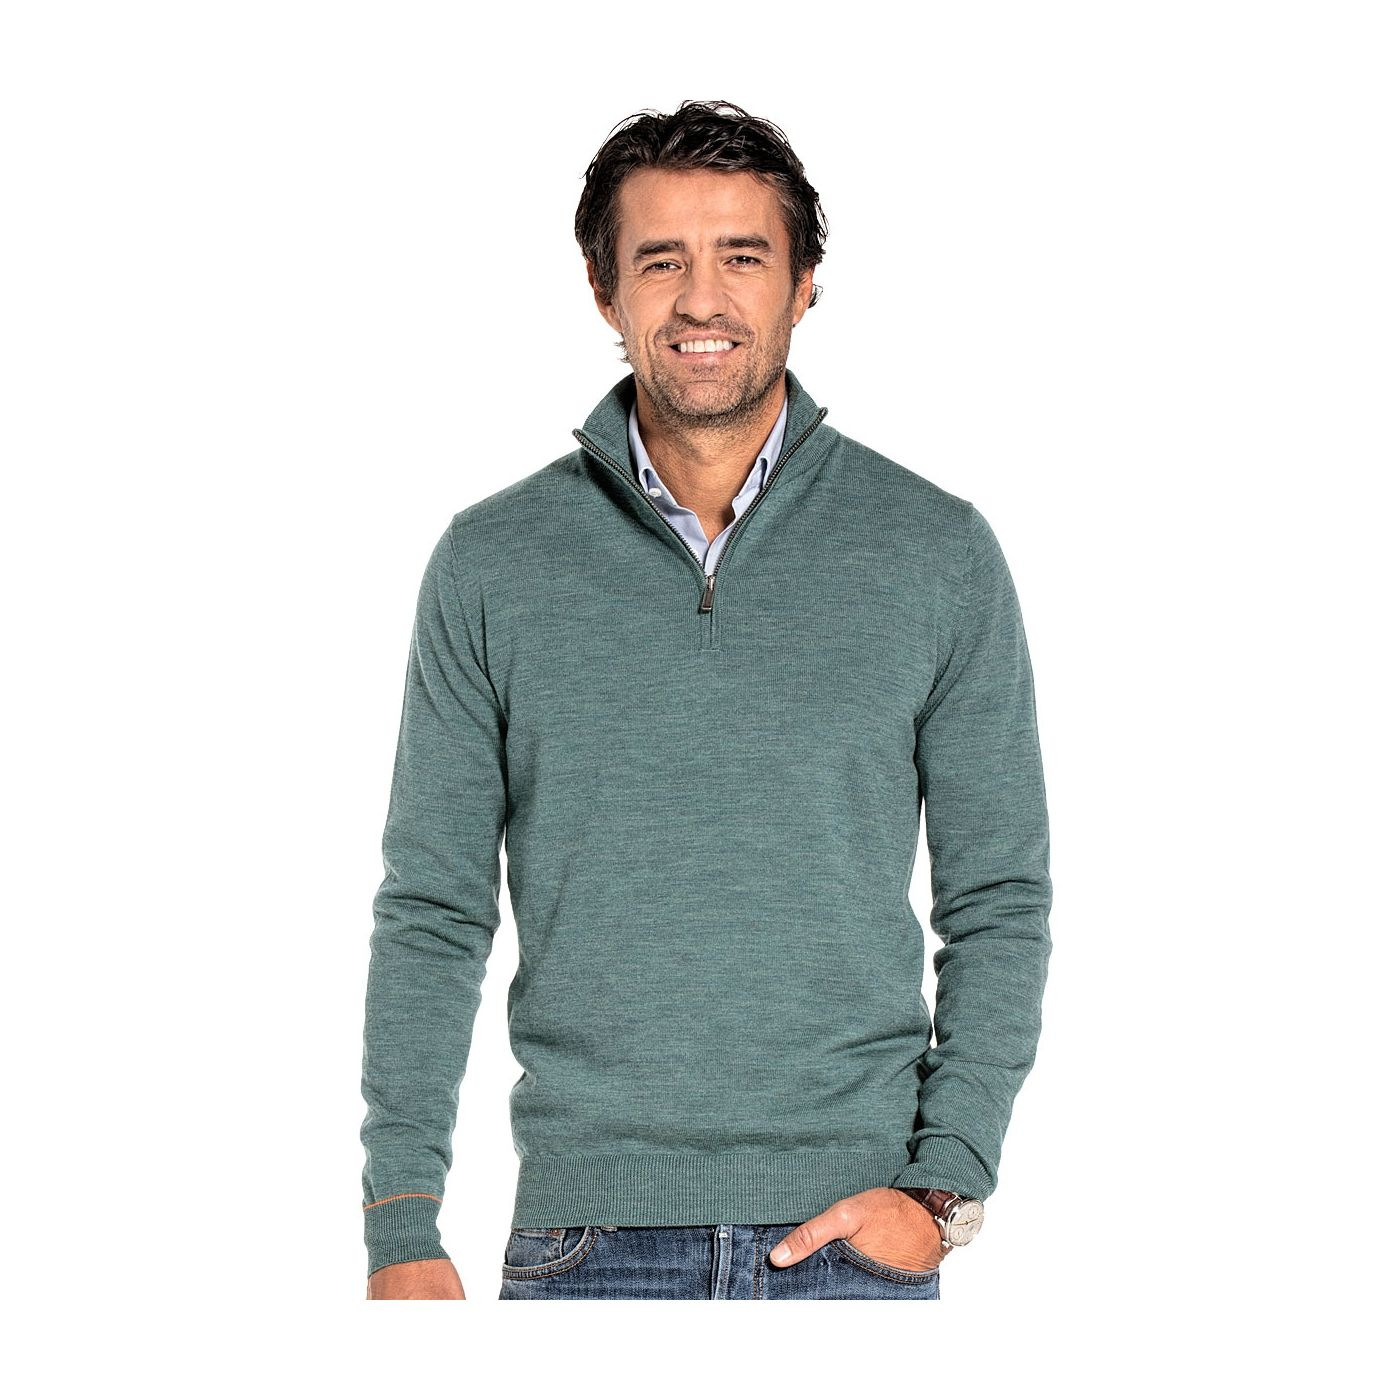 Half zip sweater for men made of Merino wool in Light green